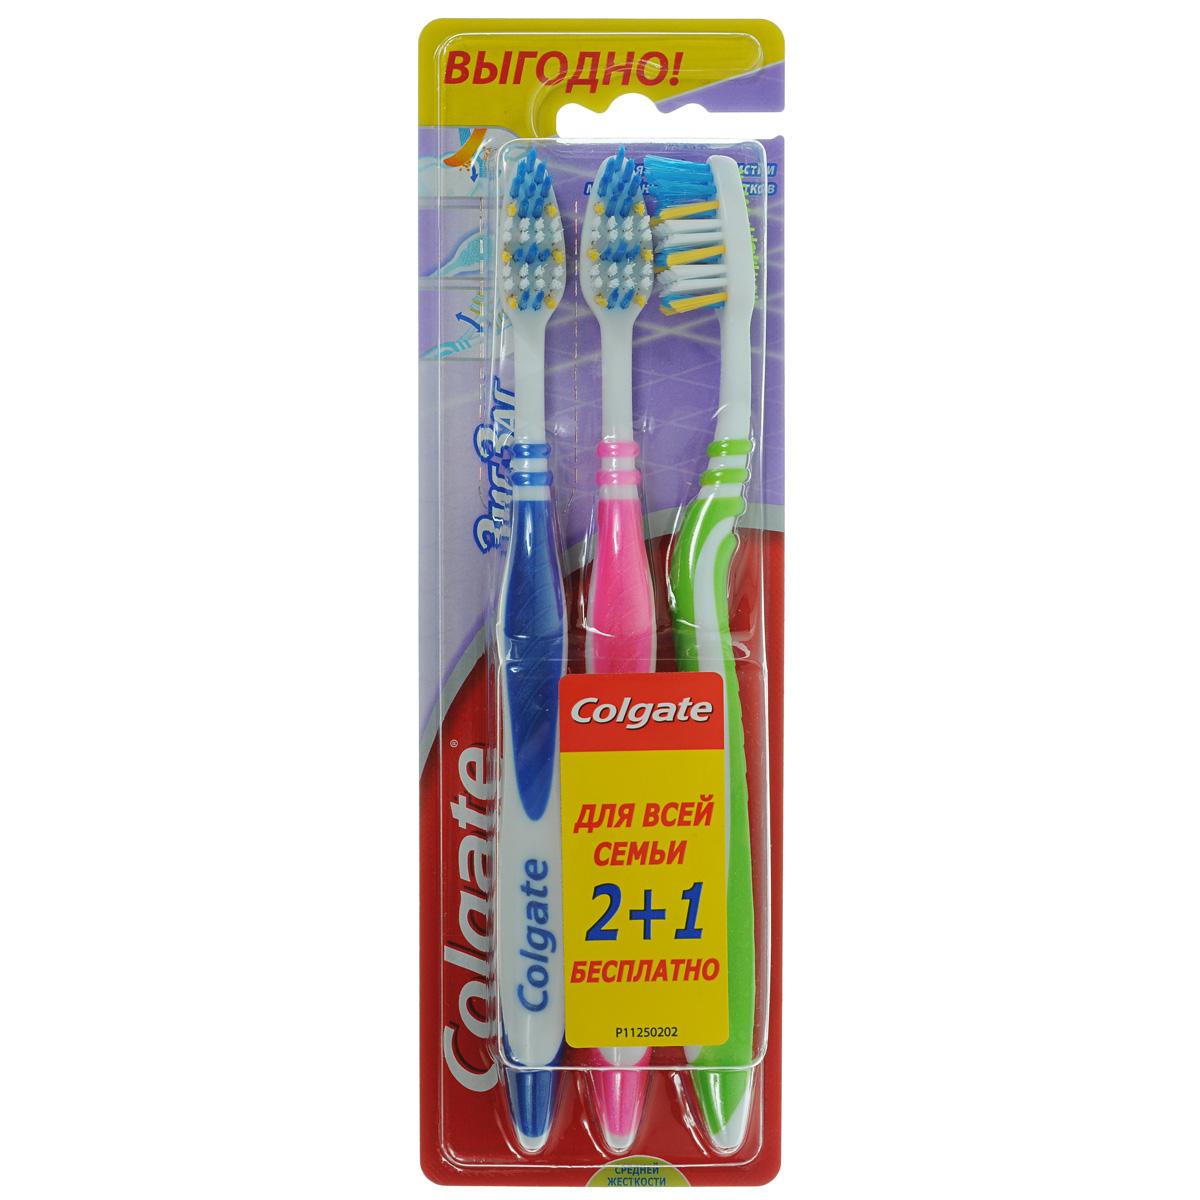 Colgate Зубная щетка Зиг-Заг, средней жесткости, 2+1Satin Hair 7 BR730MNColgate Зиг-Заг - зубная щетка средней жесткости. Перекрещивающиеся щетинки идеально подойдут для чистки межзубных промежутков.Эргономичная ручка не скользит в ладони, амортизирует давление руки на нежную поверхность десен. Товар сертифицирован. Длина щетки: 19 см. Размер рабочей поверхности: 3 см х 1,5 см. Материал: пластик. Комплектация: 3 шт.